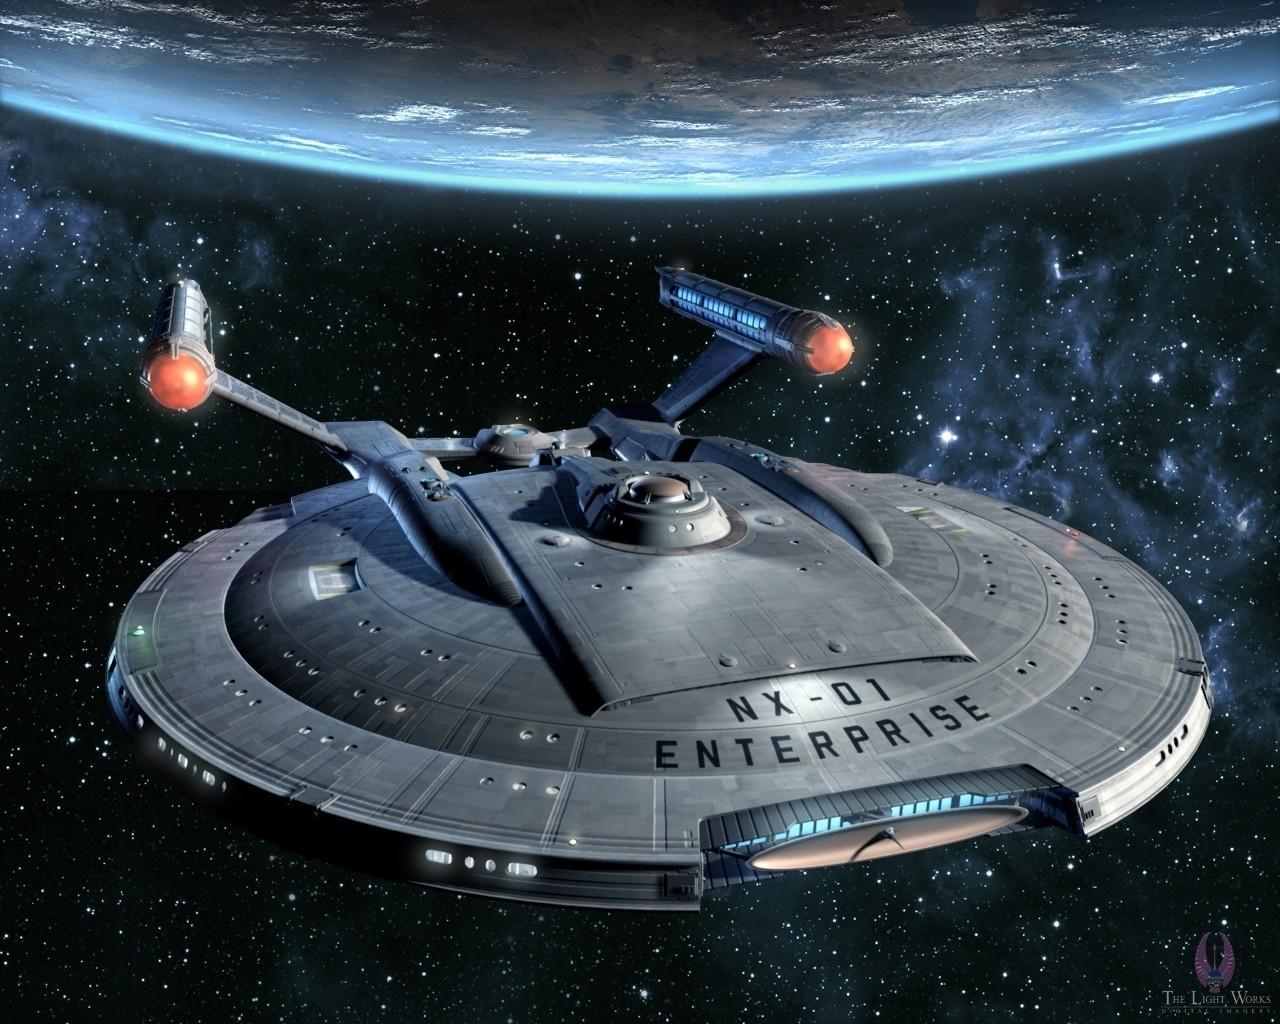 space ship, wallpaper, космический корабль, обои для рабочего стола